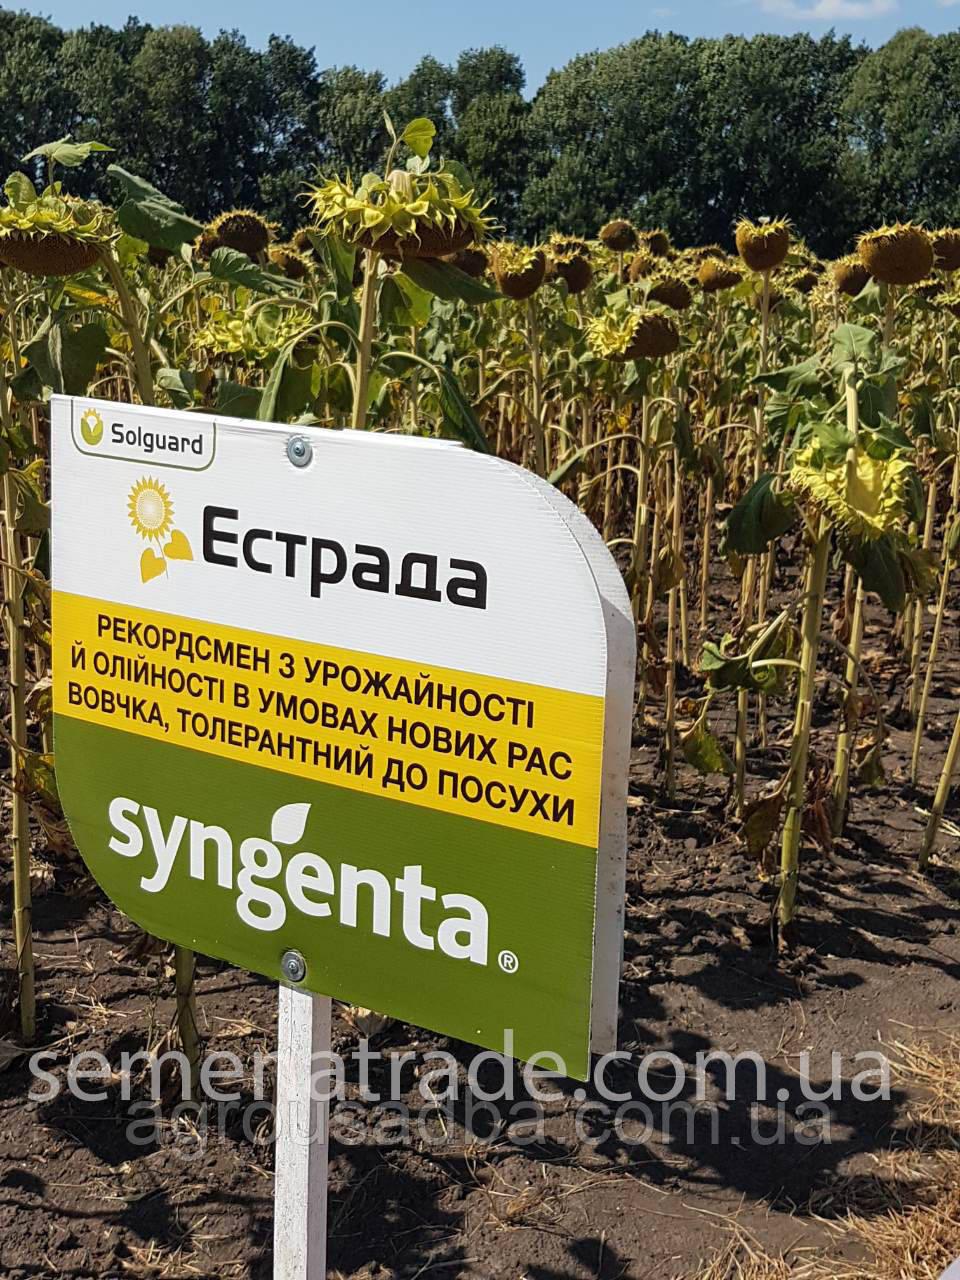 Подсолнечник Syngenta Эстрада Среднепоздний (118-122 дней)  2017 г.